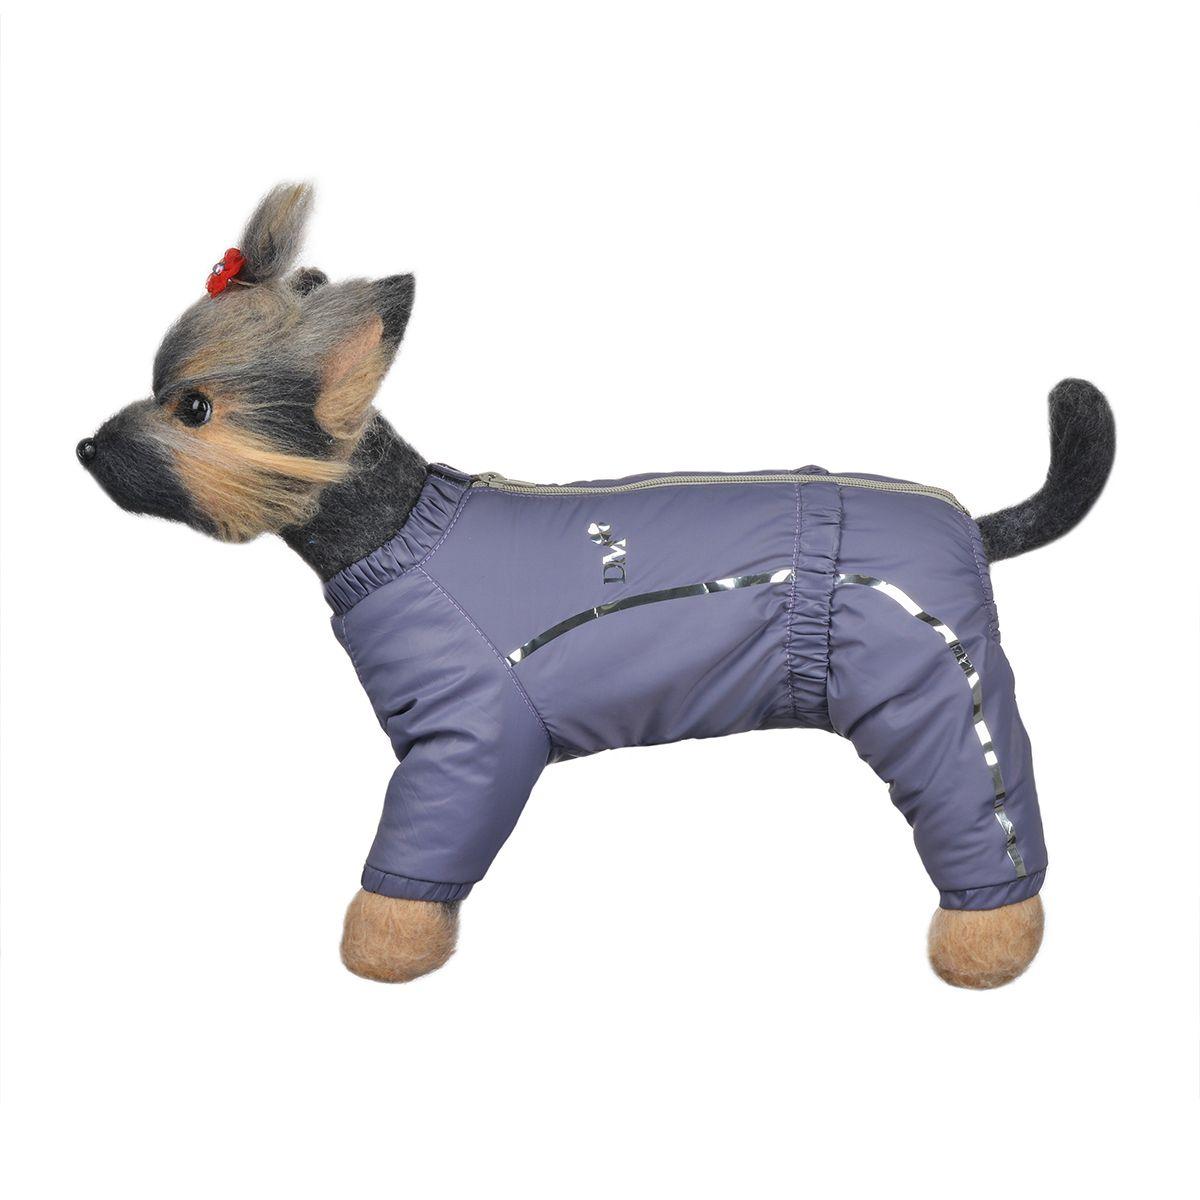 Комбинезон для собак Dogmoda Альпы, зимний, для девочки, цвет: фиолетовый, серый. Размер 1 (S)DM-150350-1Зимний комбинезон для собак Dogmoda Альпы отлично подойдет для прогулок в зимнее время года.Комбинезон изготовлен из полиэстера, защищающего от ветра и снега, с утеплителем из синтепона, который сохранит тепло даже в сильные морозы, а на подкладке используется искусственный мех, который обеспечивает отличный воздухообмен. Комбинезон застегивается на молнию и липучку, благодаря чему его легко надевать и снимать. Ворот, низ рукавов и брючин оснащены внутренними резинками, которые мягко обхватывают шею и лапки, не позволяя просачиваться холодному воздуху. На пояснице имеется внутренняя резинка. Изделие декорировано серебристыми полосками и надписью DM.Благодаря такому комбинезону простуда не грозит вашему питомцу и он сможет испытать не сравнимое удовольствие от снежных игр и забав.